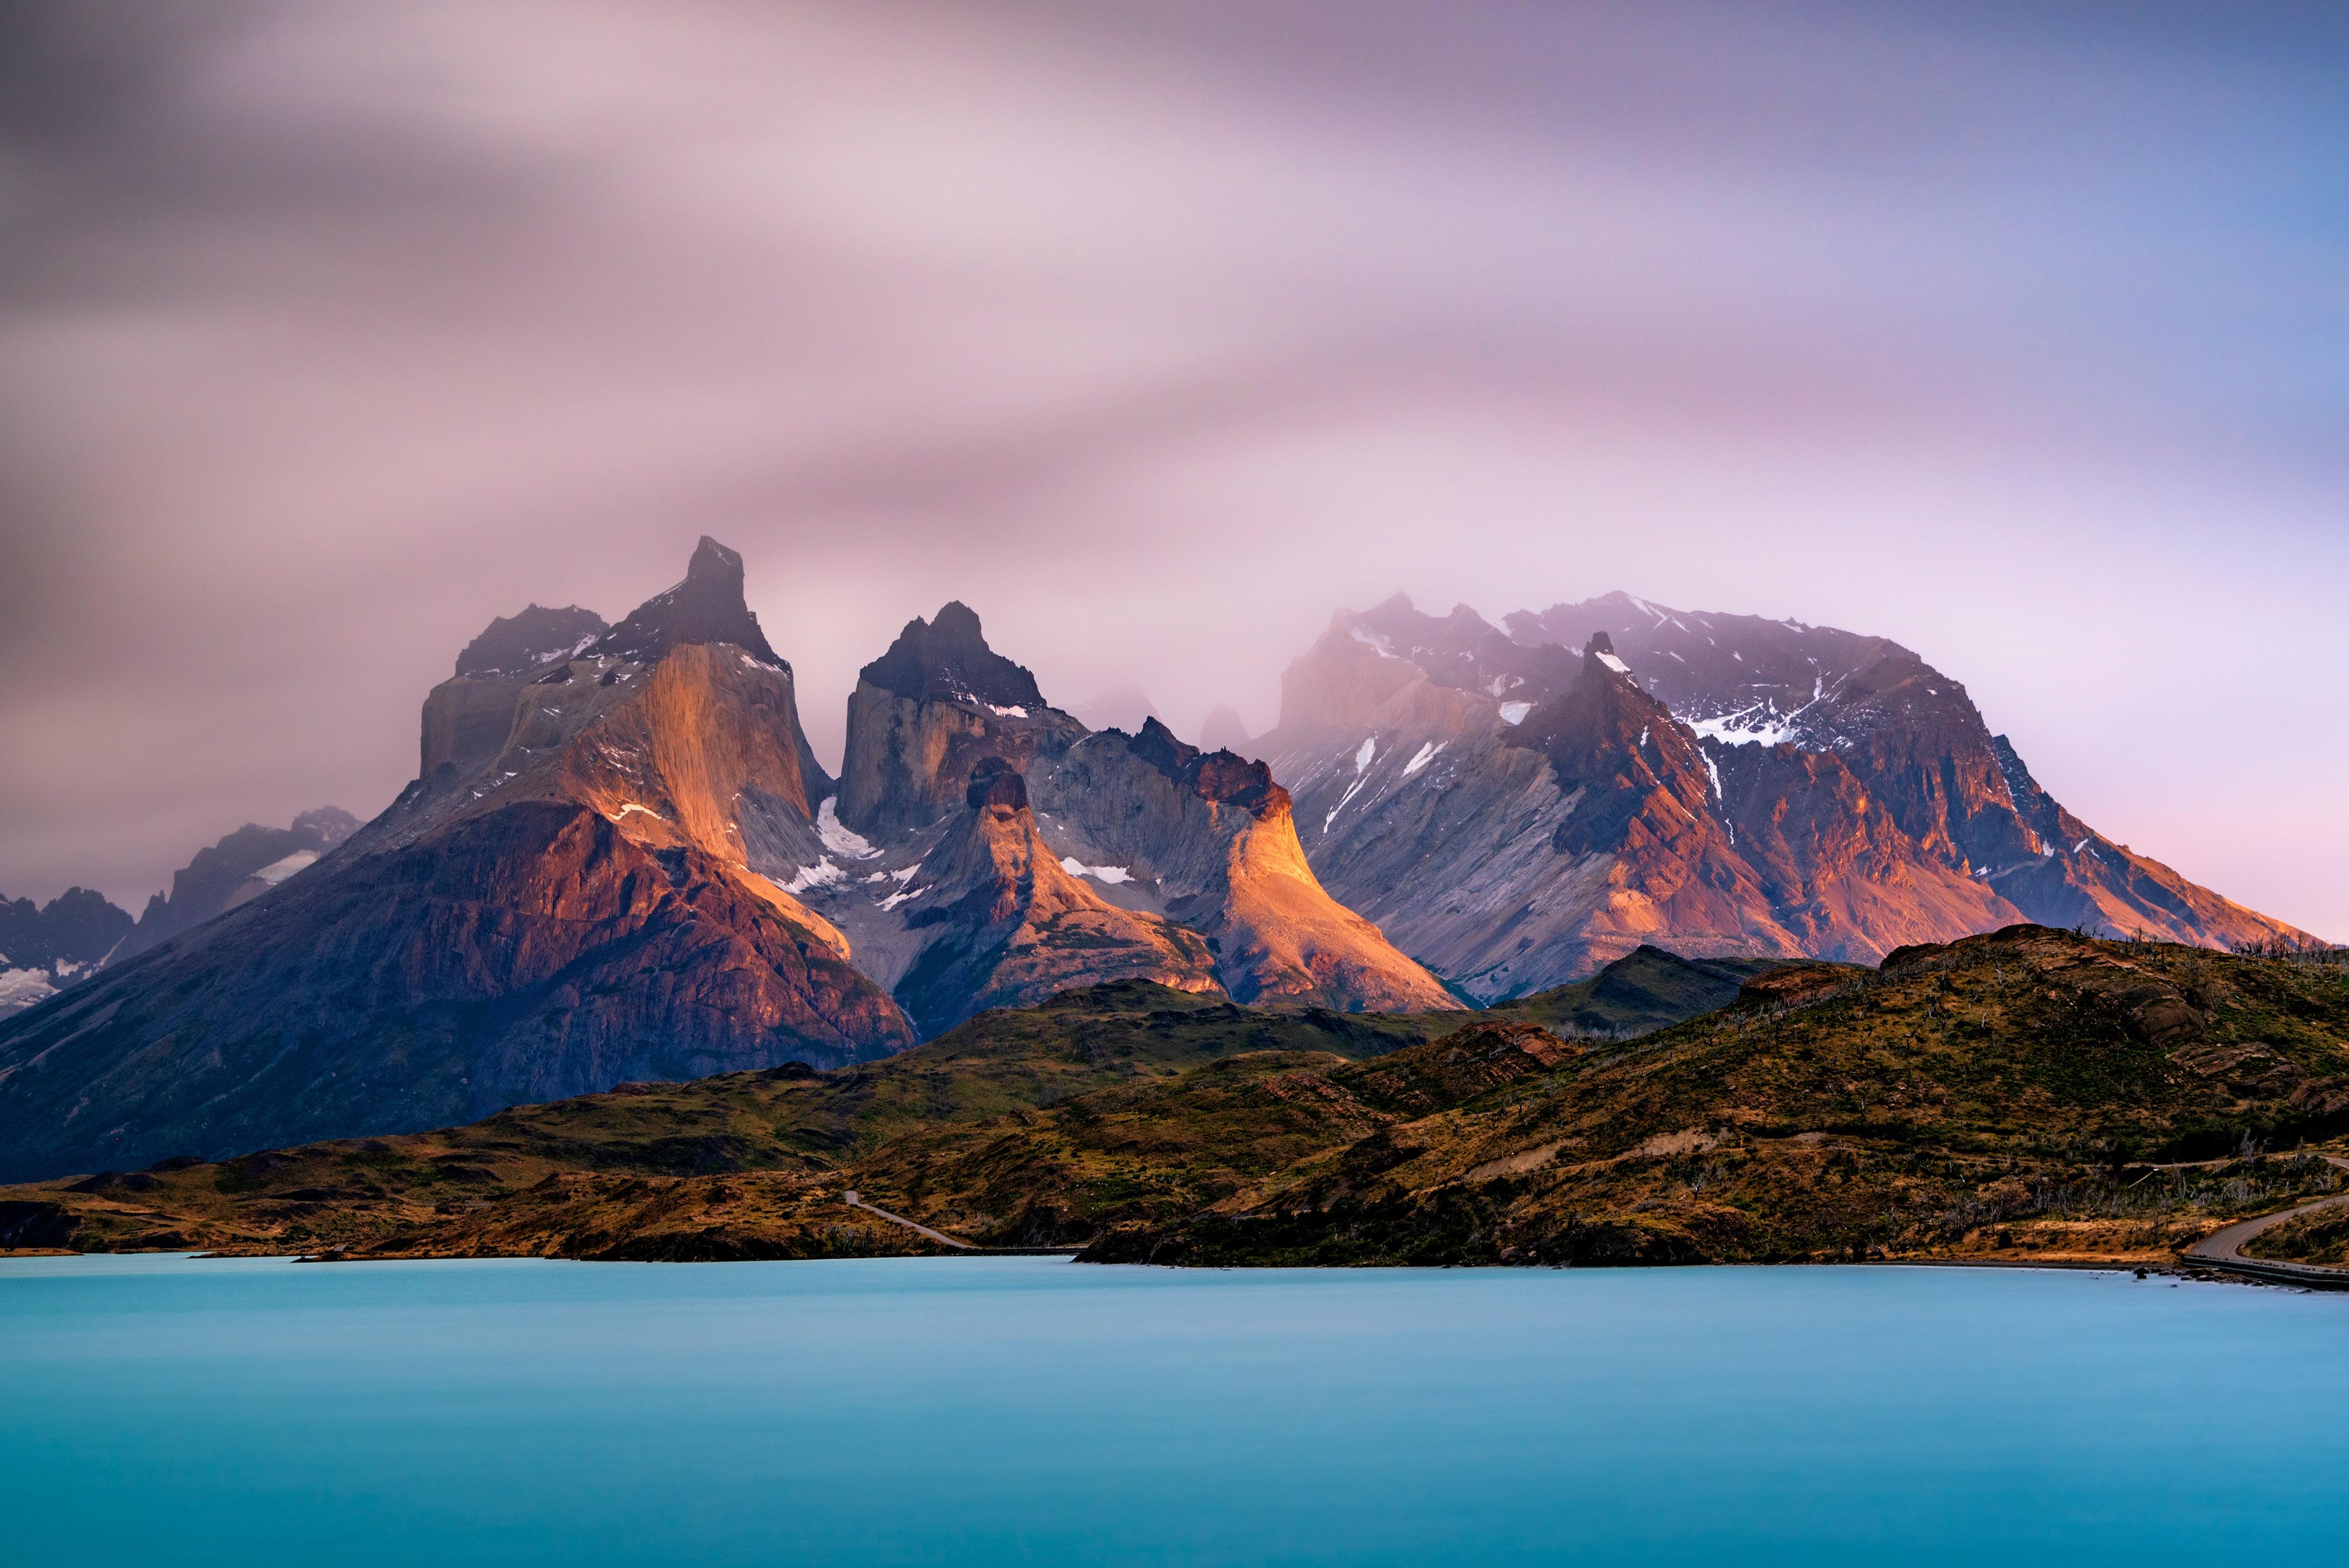 Обои для рабочего стола Аргентина Lago Argentino, Andes, Patagonia, Santa Cruz Горы Природа Озеро гора